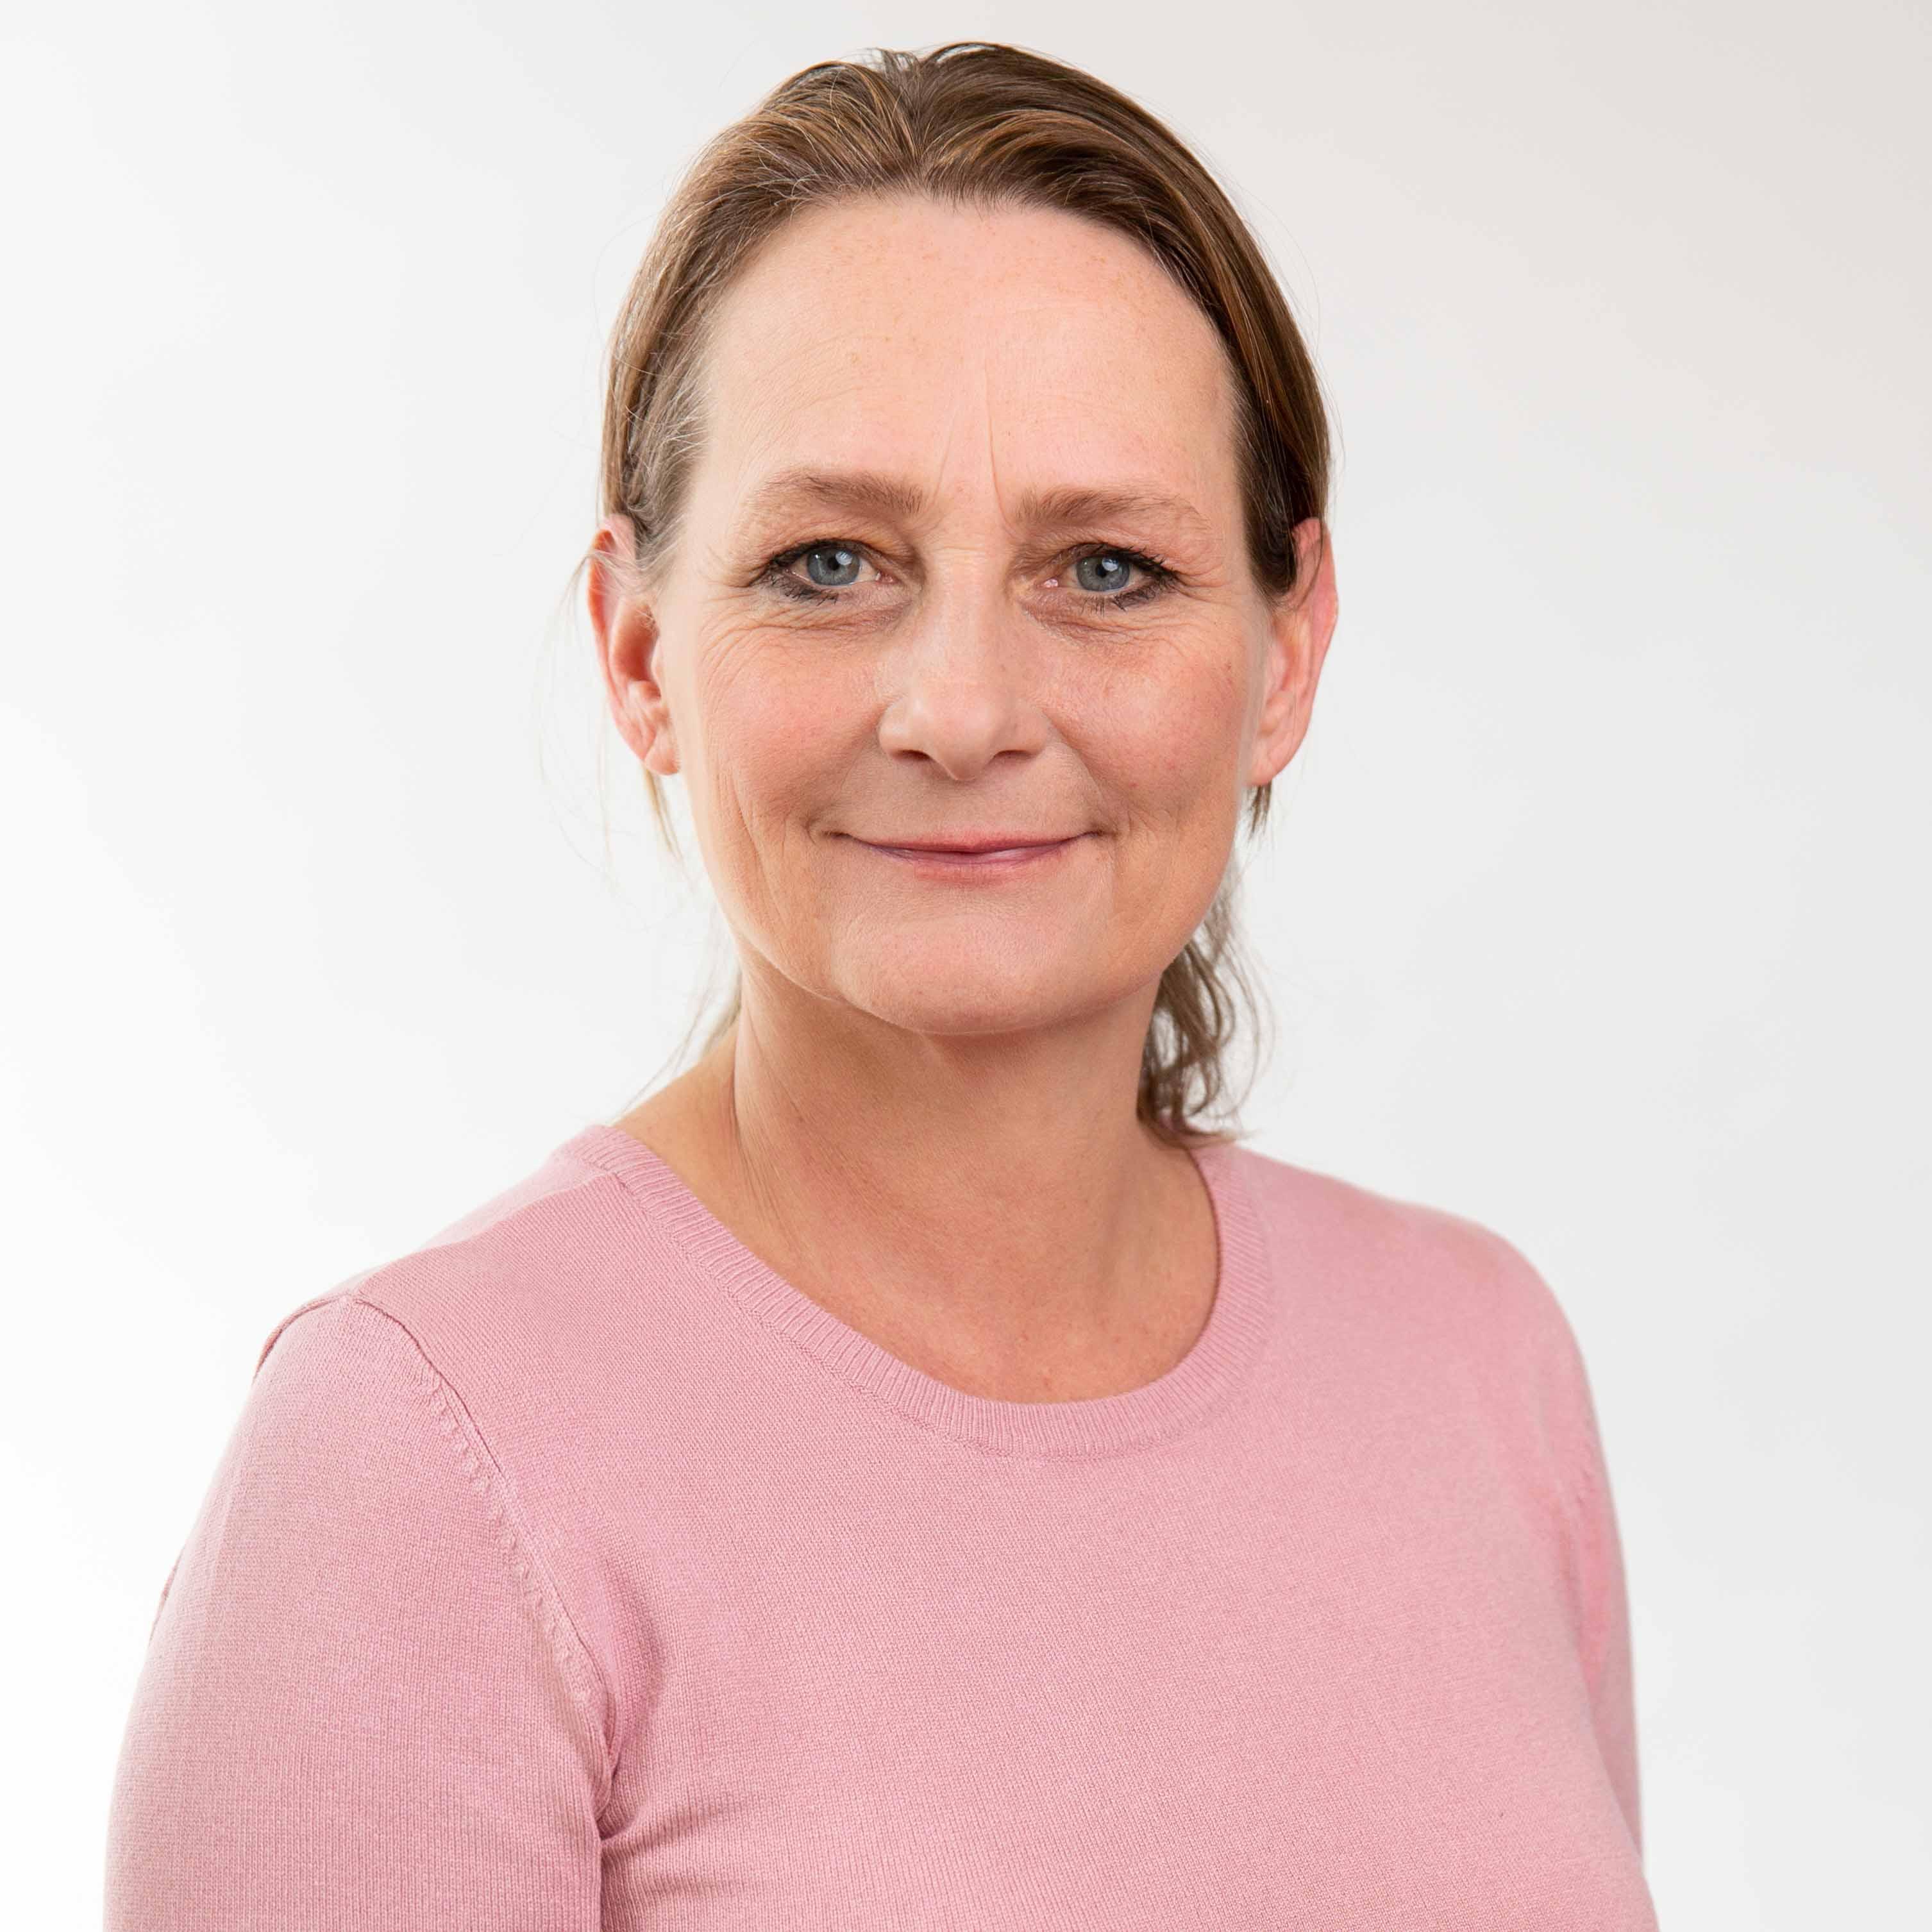 Clara Veenis